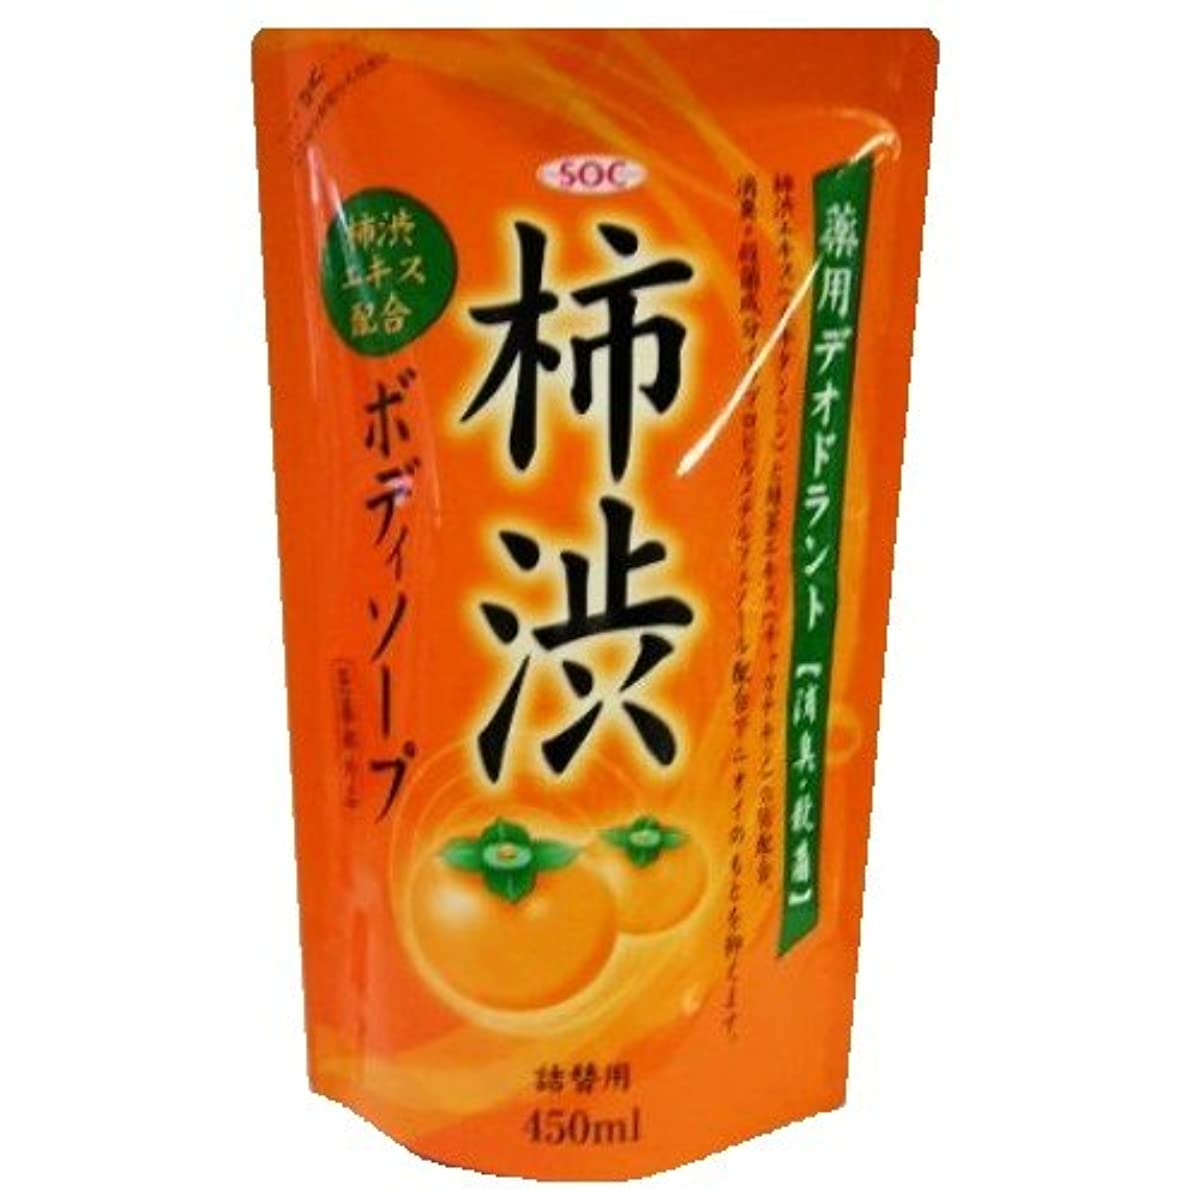 受け入れたつかの間エンコミウムSOC 薬用柿渋ボディソープ 詰替 450ml